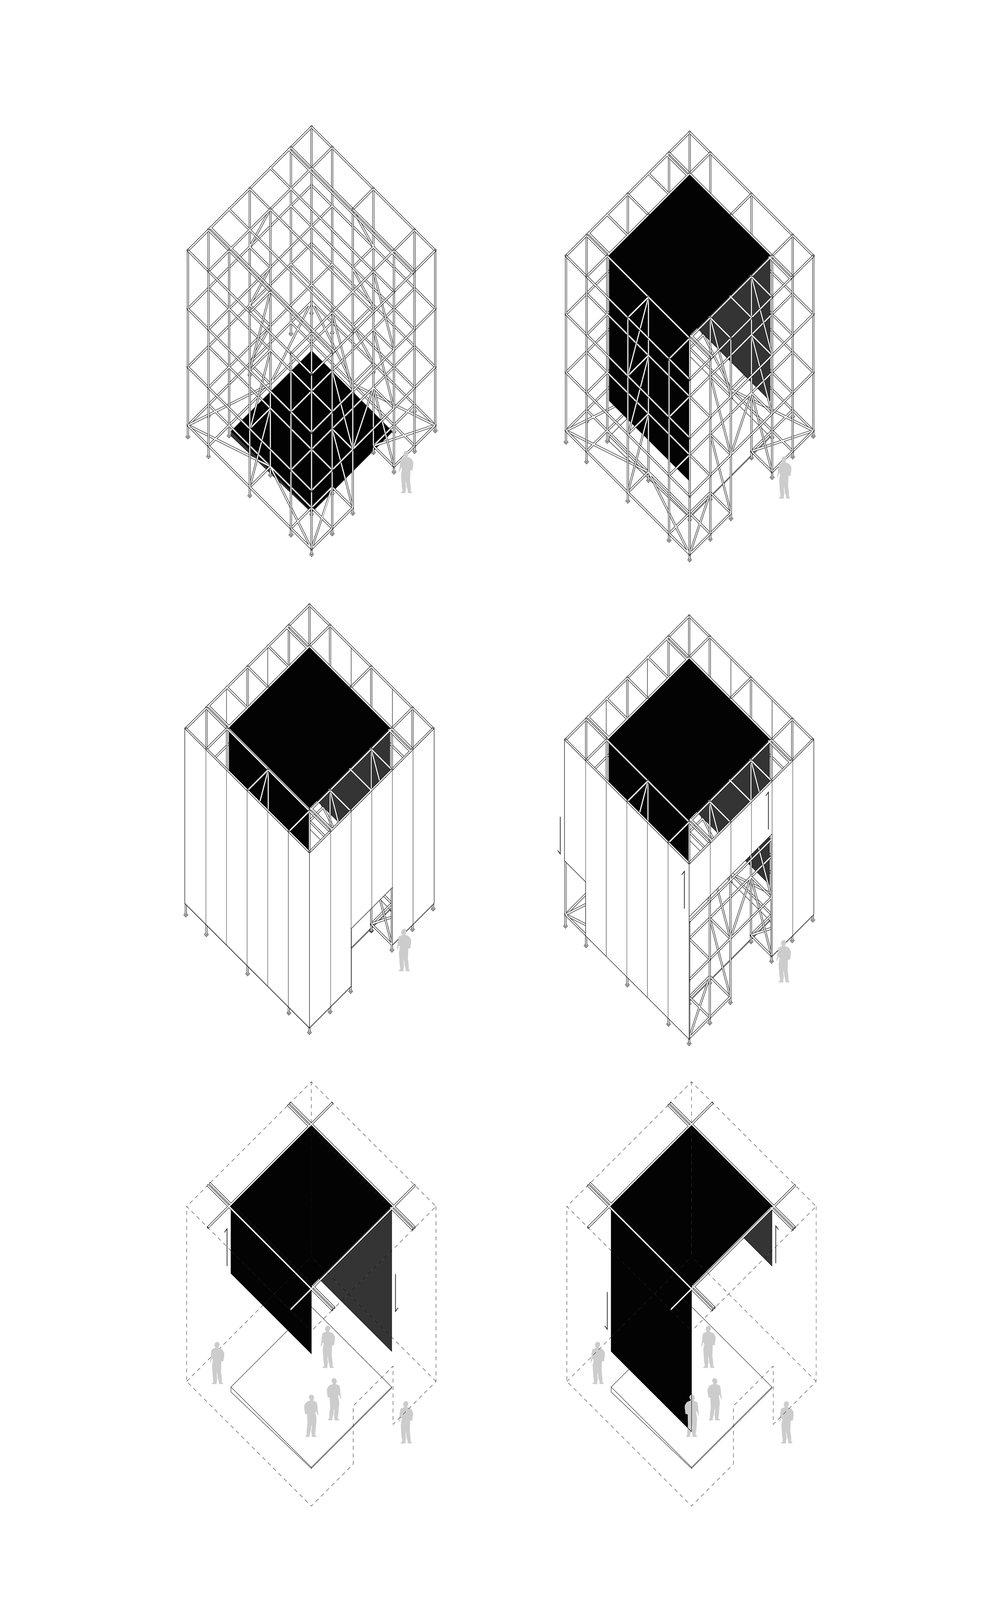 Stadtumbau_OSK Architects_AXO.jpg